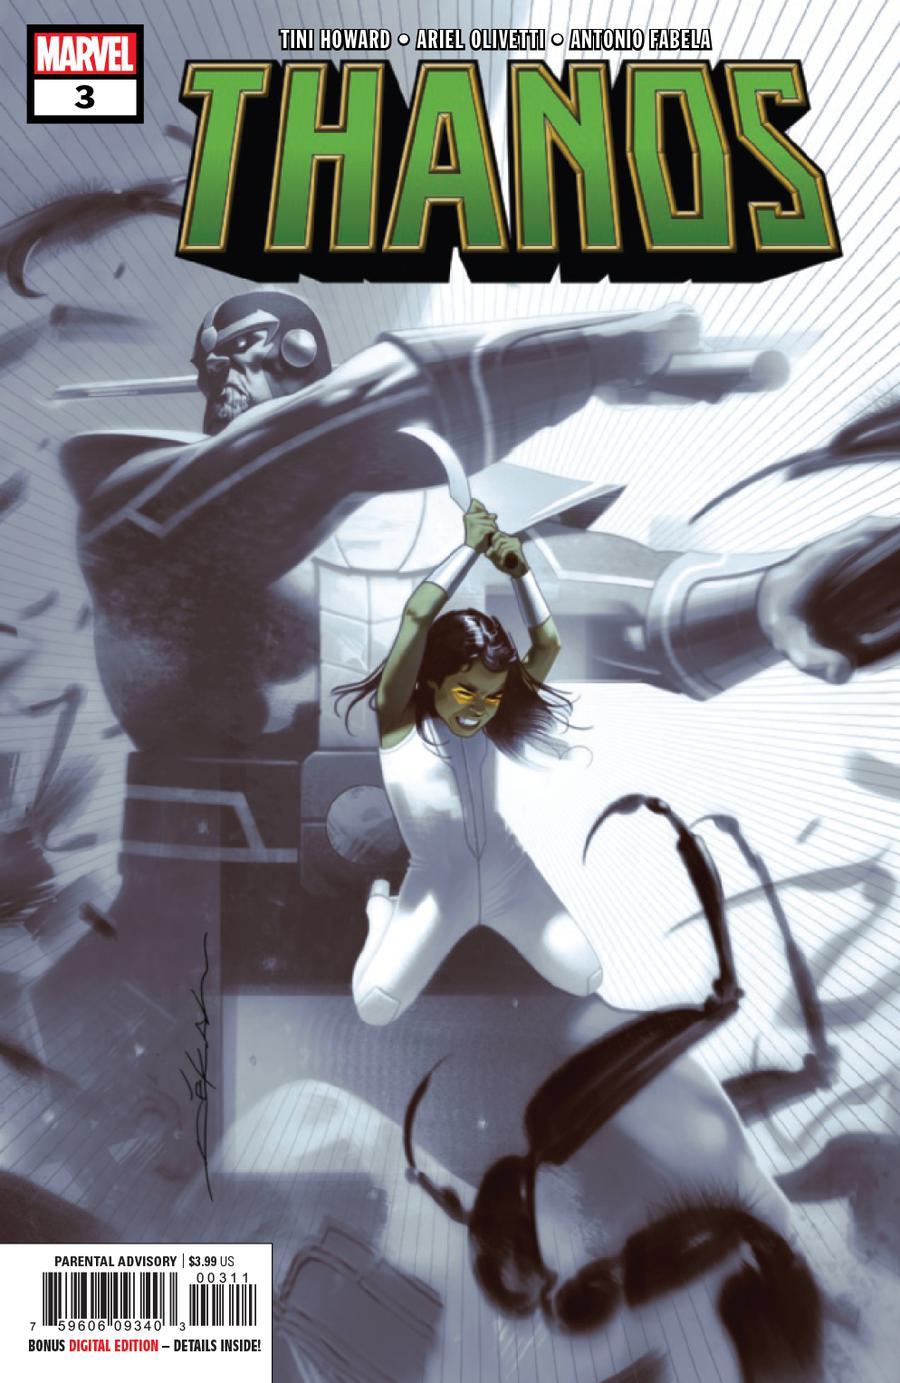 Thanos Vol 3 #3 Cover A 1st Ptg Regular Jeff Dekal Cover